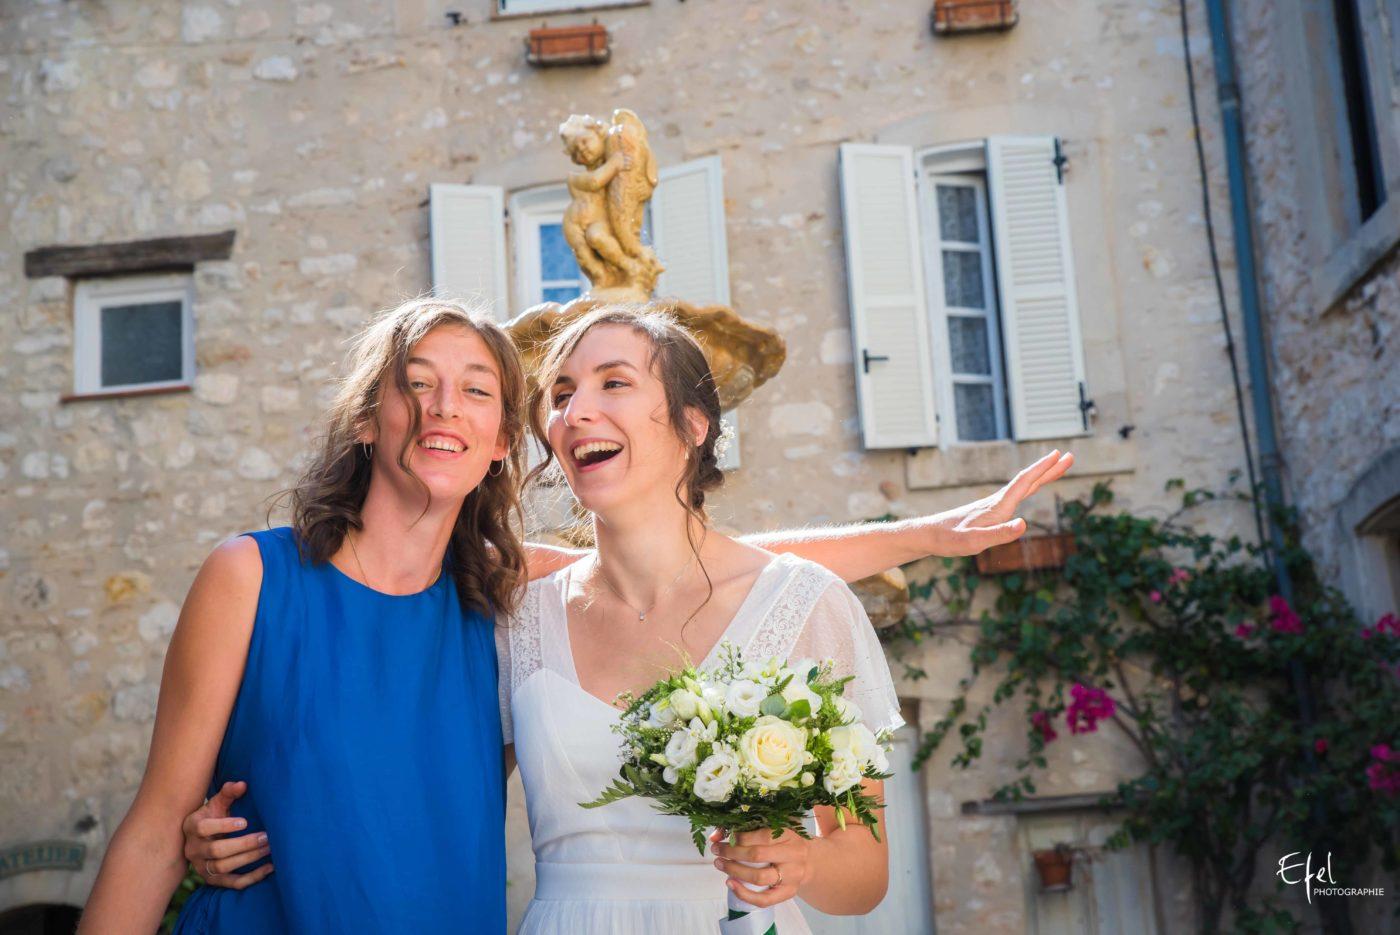 La mariée et sa témoin - reportage de mariage dans les hautes alpes et en Provence